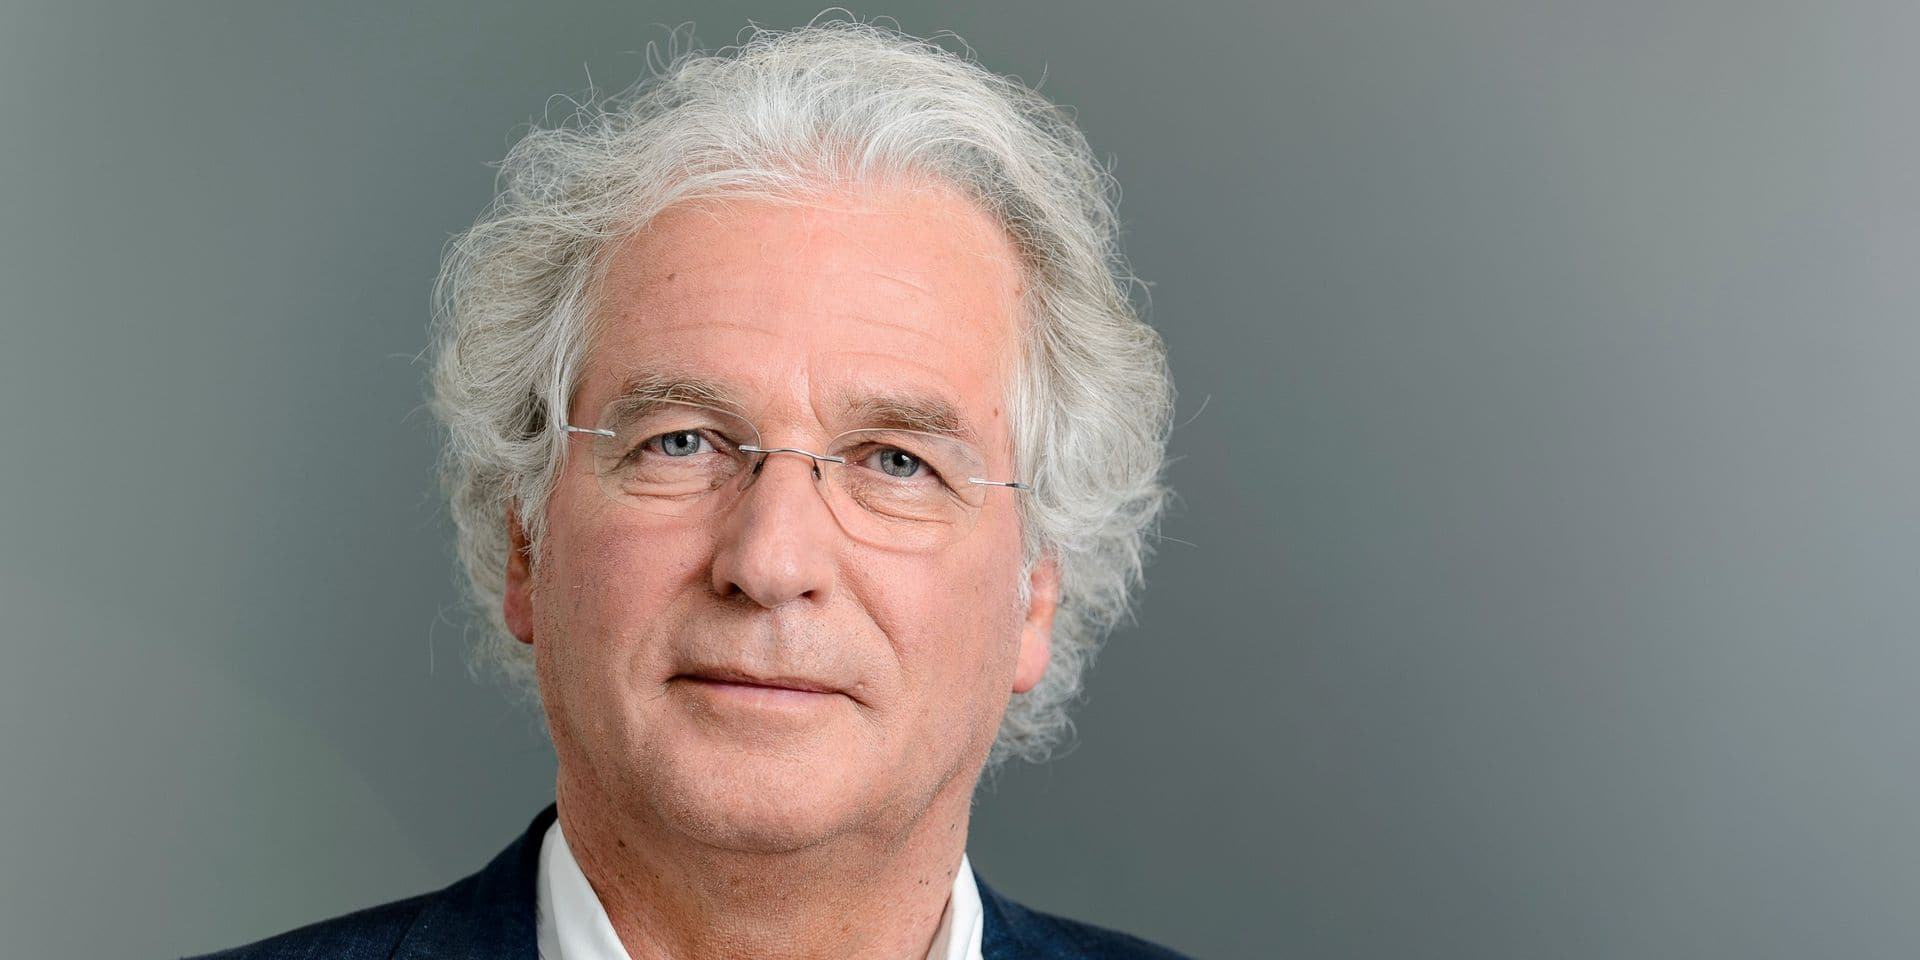 """Après les nouvelles restrictions en Région bruxelloise, Didier Gosuin fustige le fédéral : """"Ce n'est pas comme ça qu'on gère un État"""""""